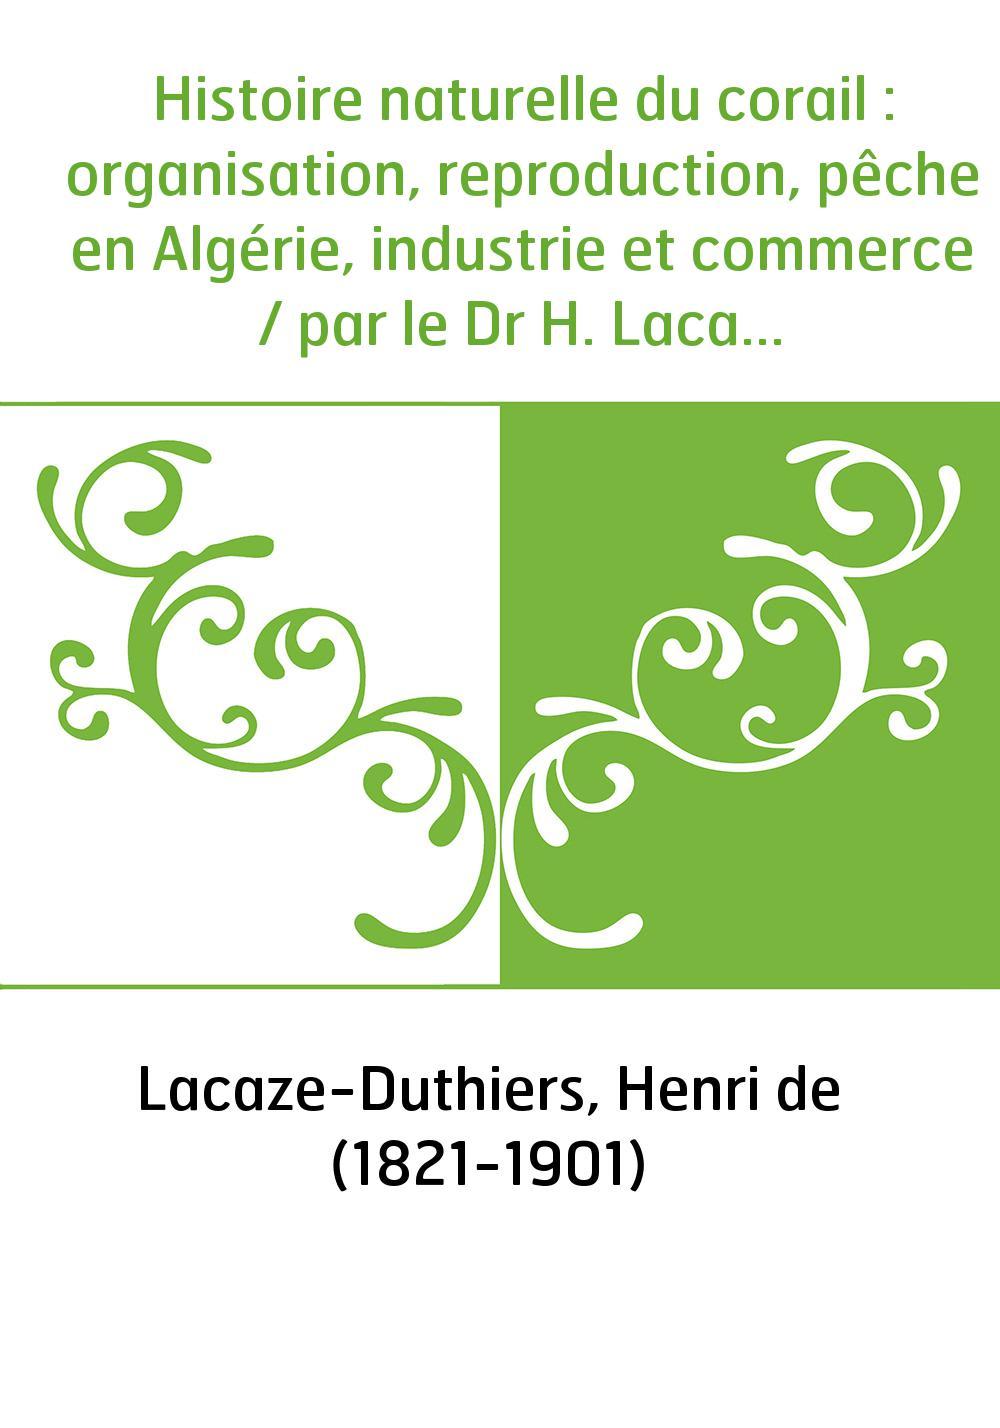 Histoire naturelle du corail : organisation, reproduction, pêche en Algérie, industrie et commerce / par le Dr H. Lacaze-Duthier